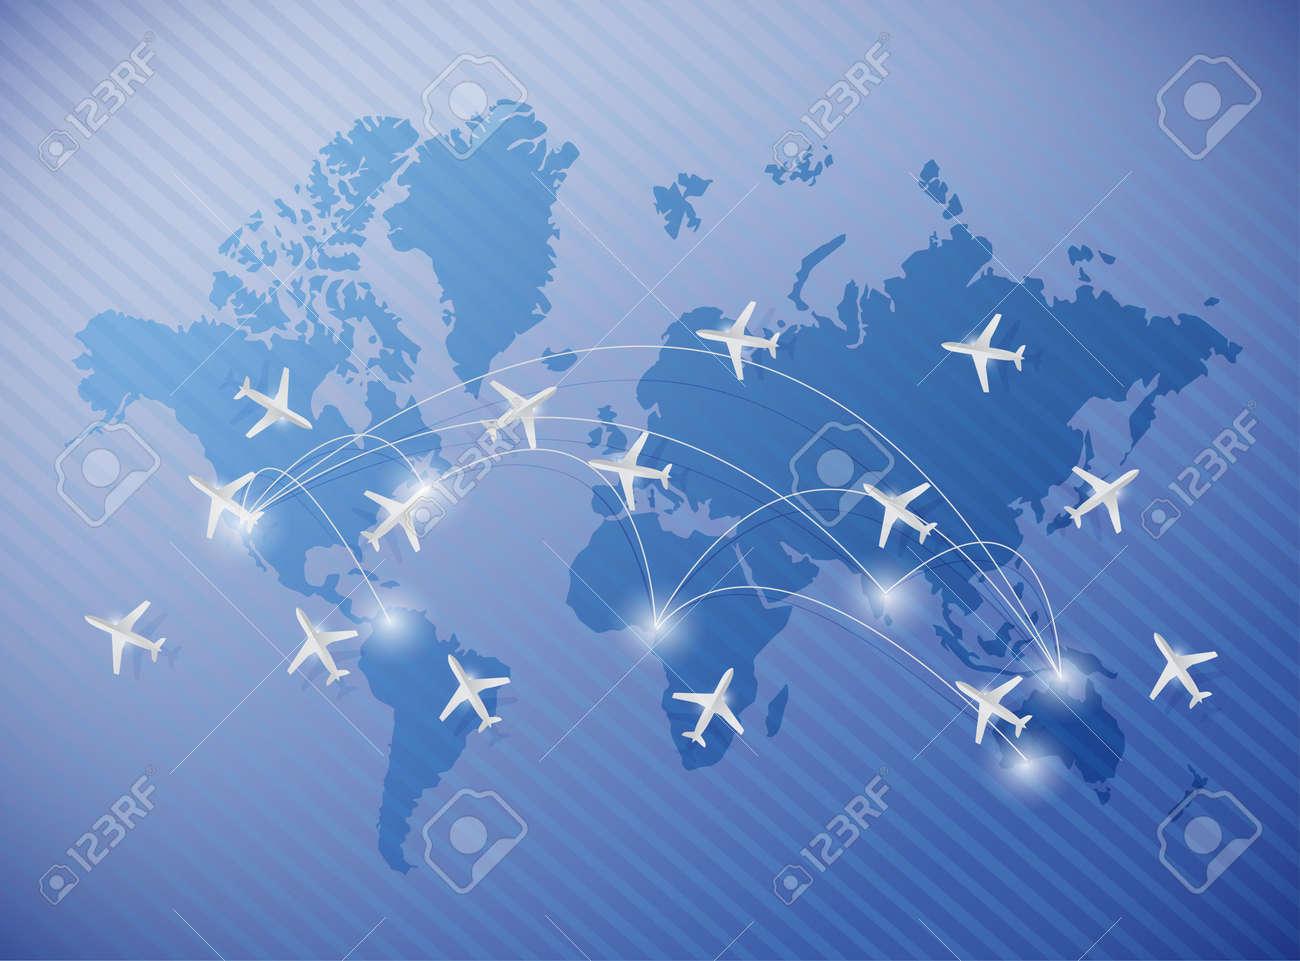 Aviones Volando Sobre Un Mapa Del Mundo De La Ilustración Sobre Un Fondo Azul Fotos Retratos Imágenes Y Fotografía De Archivo Libres De Derecho Image 24655352